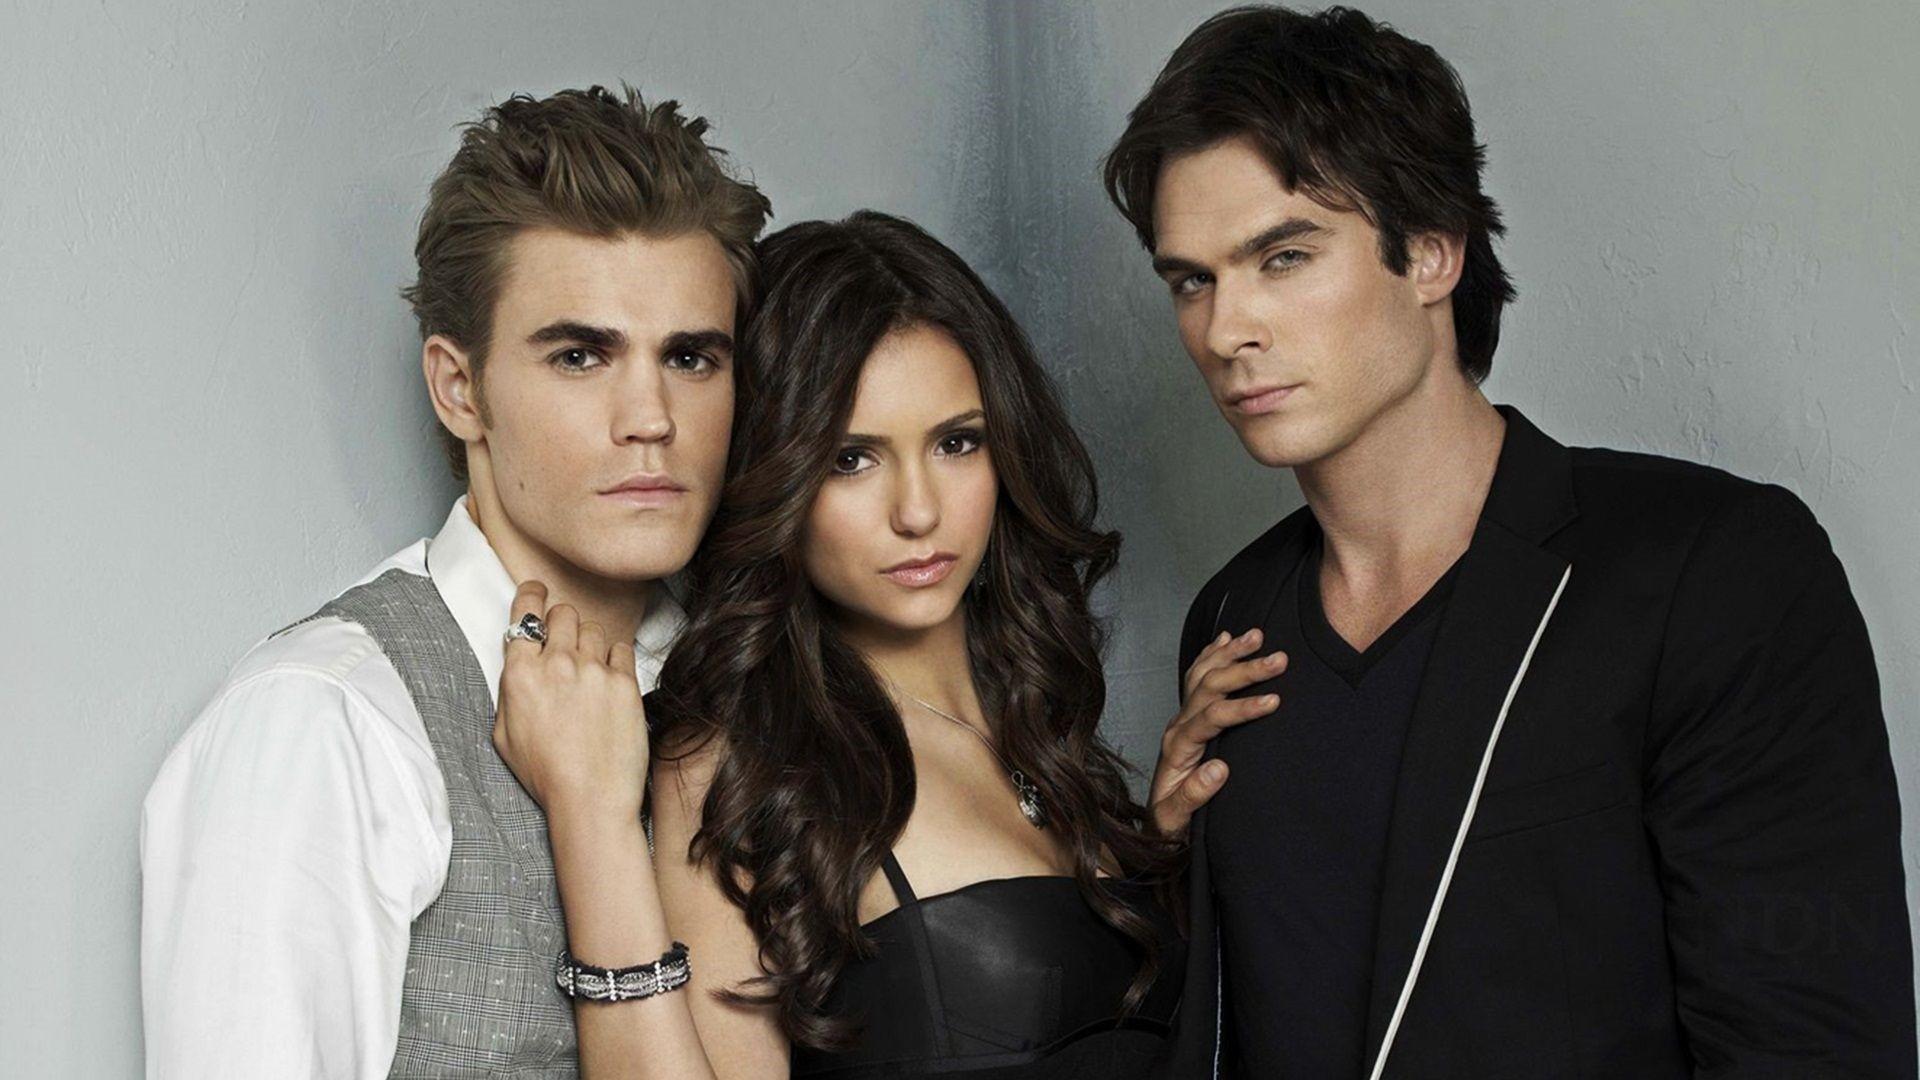 Vampire Diaries Picture